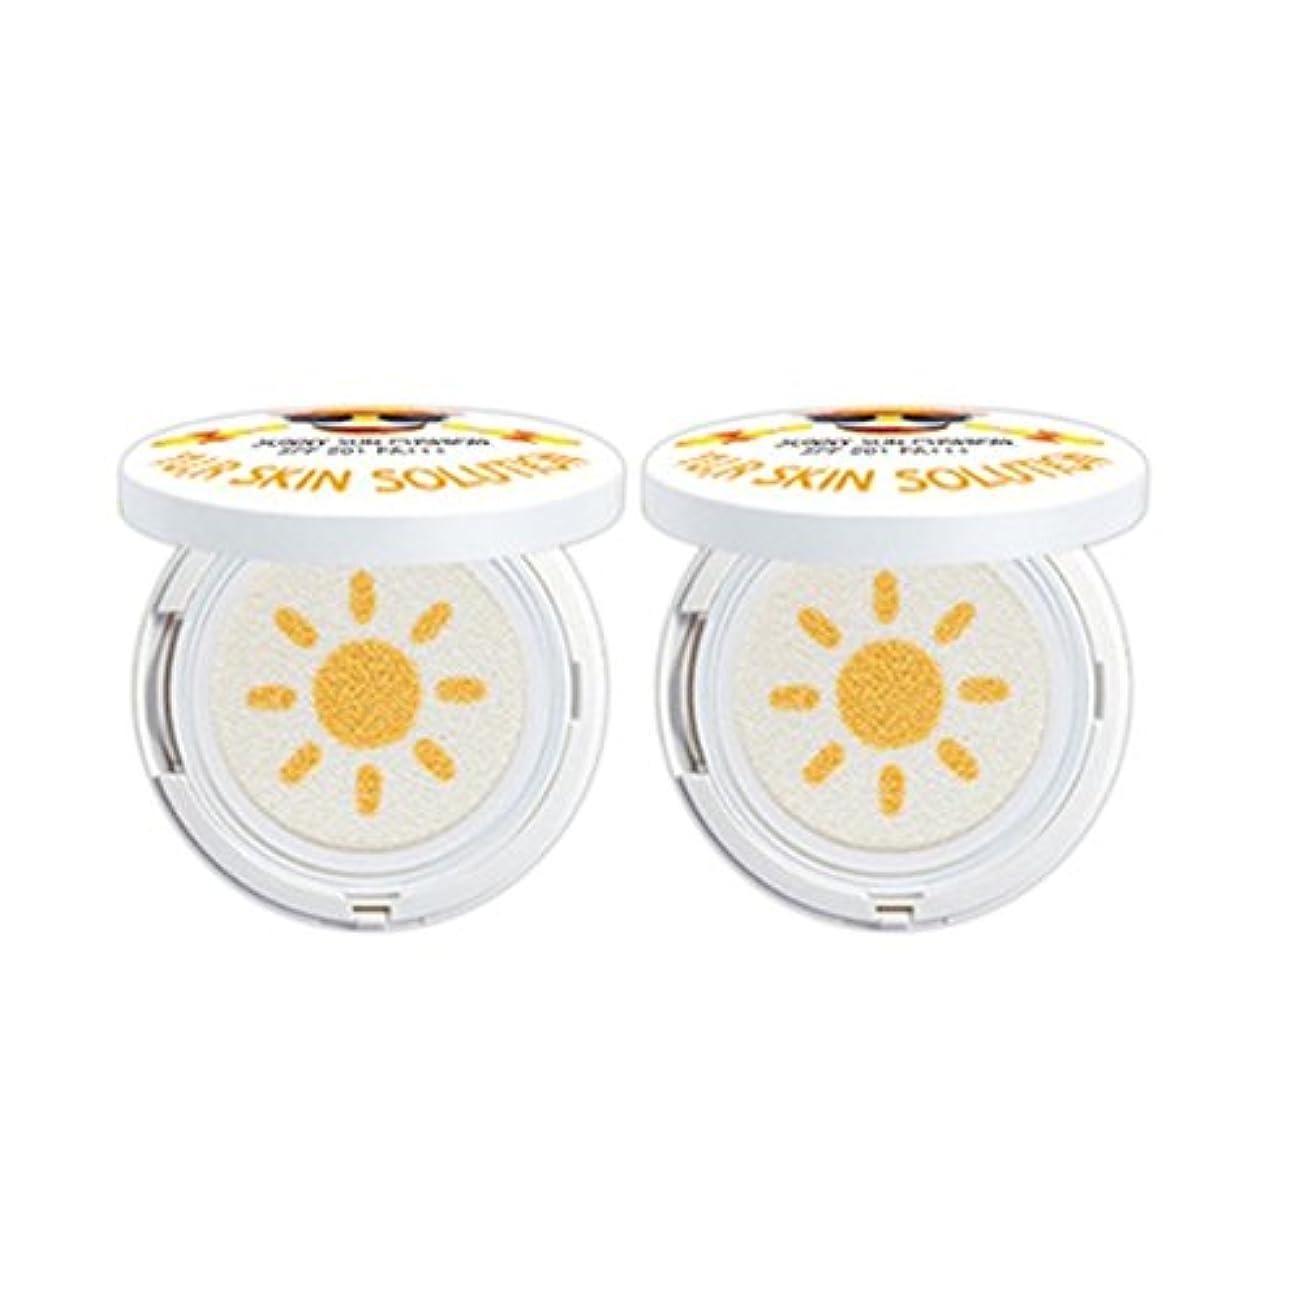 入力憂鬱試すYU.R Skin Solution Sunny Sun Cushion サニー·サン·クシオン SPF50+,PA+++, 0.88oz(2pack) [並行輸入品]